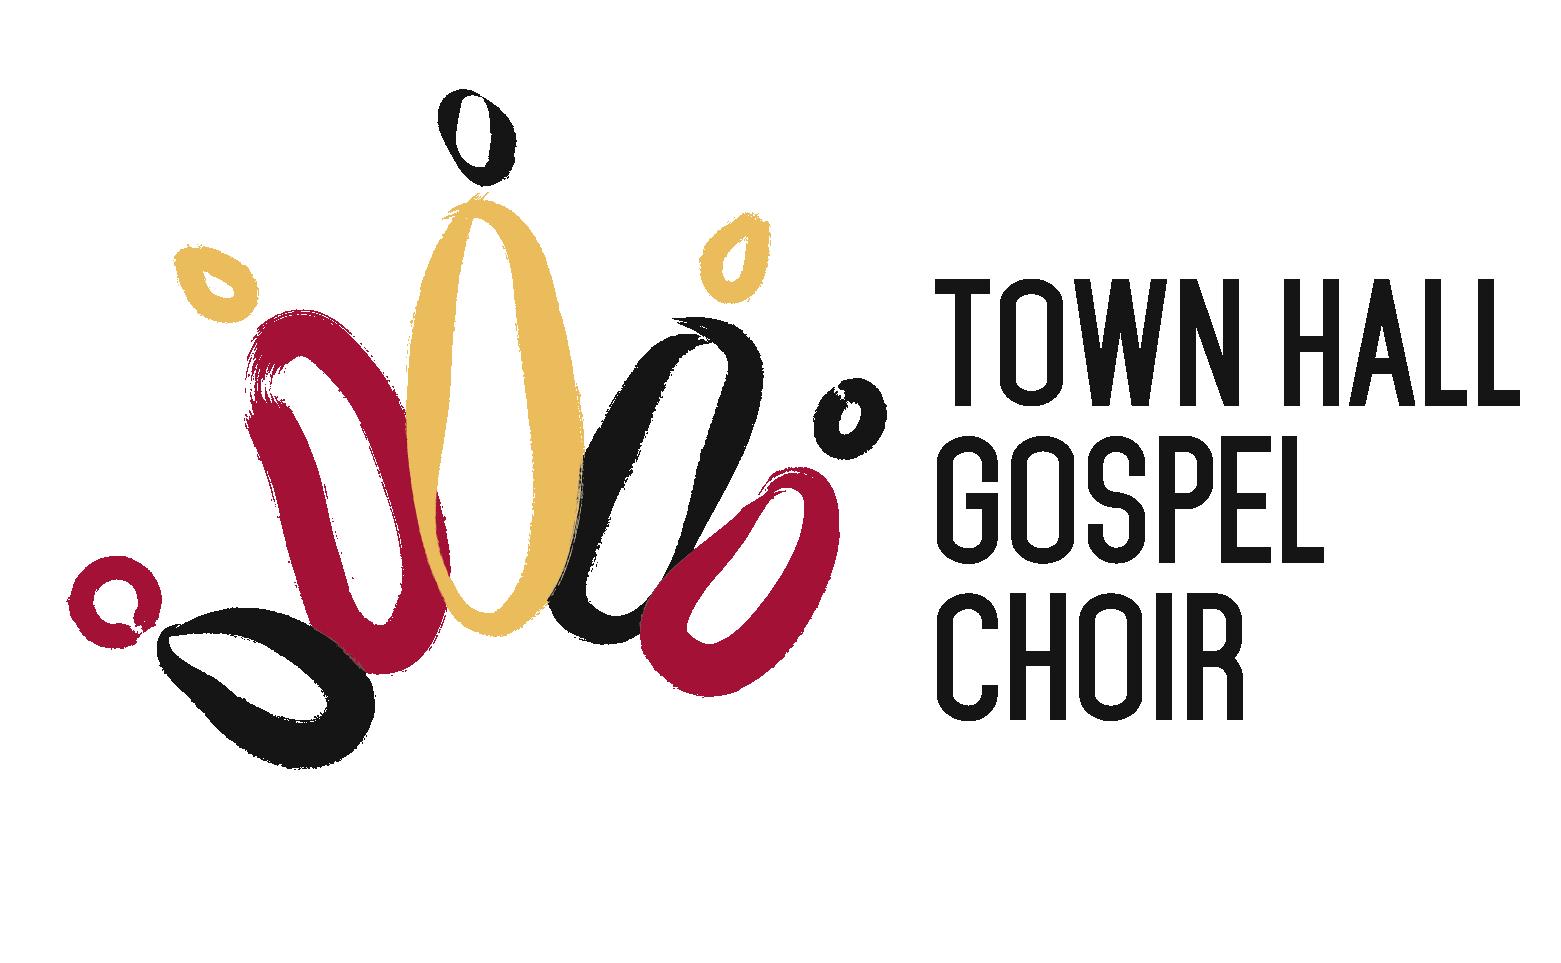 Town Hall Gospel Choir